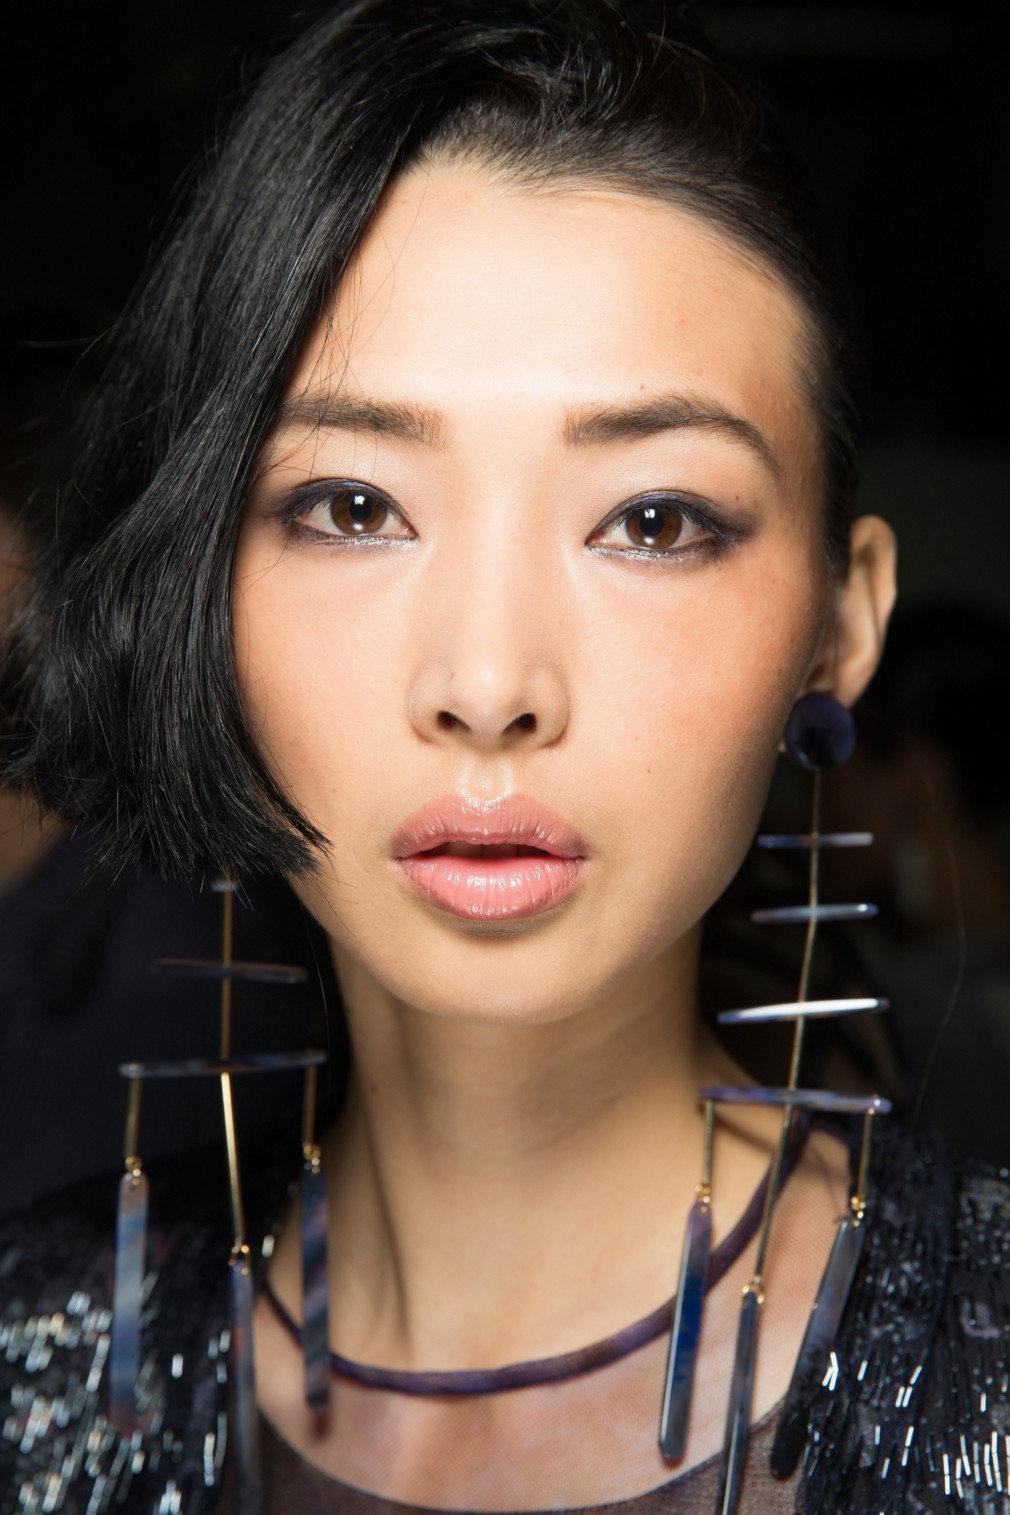 Миндалевидные глаза азиатки